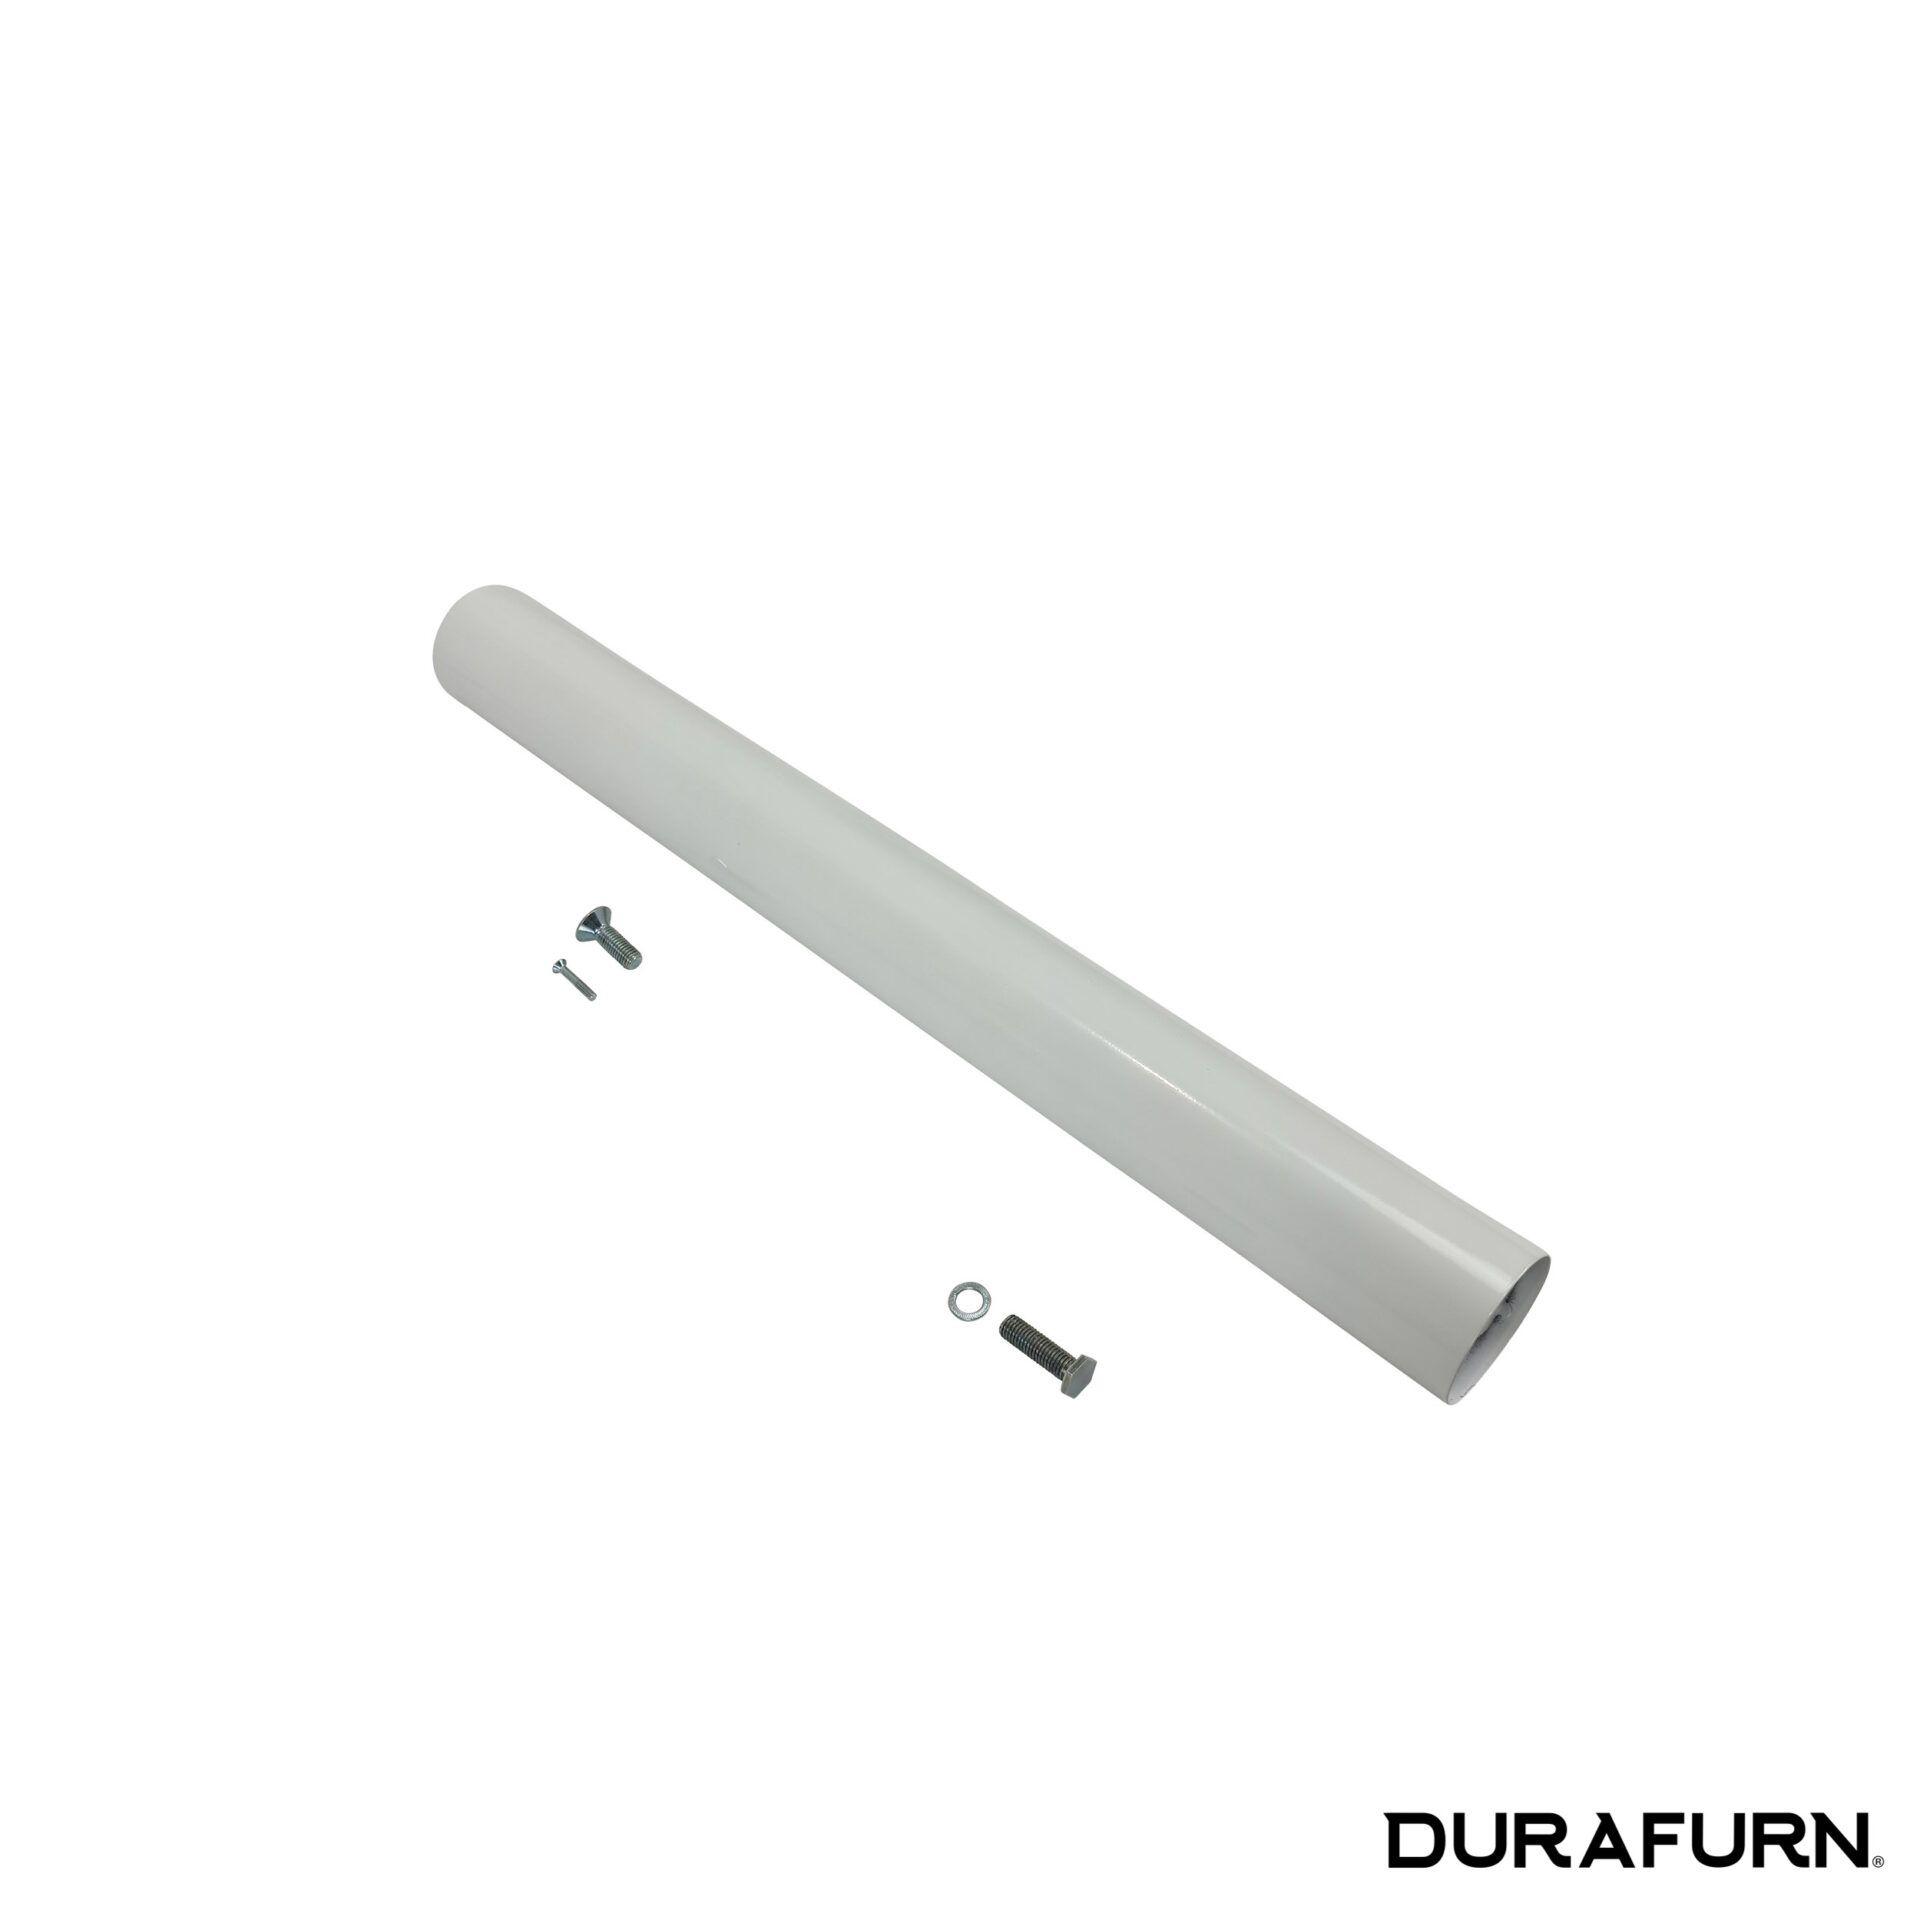 lyon table base white.pole .parts 1